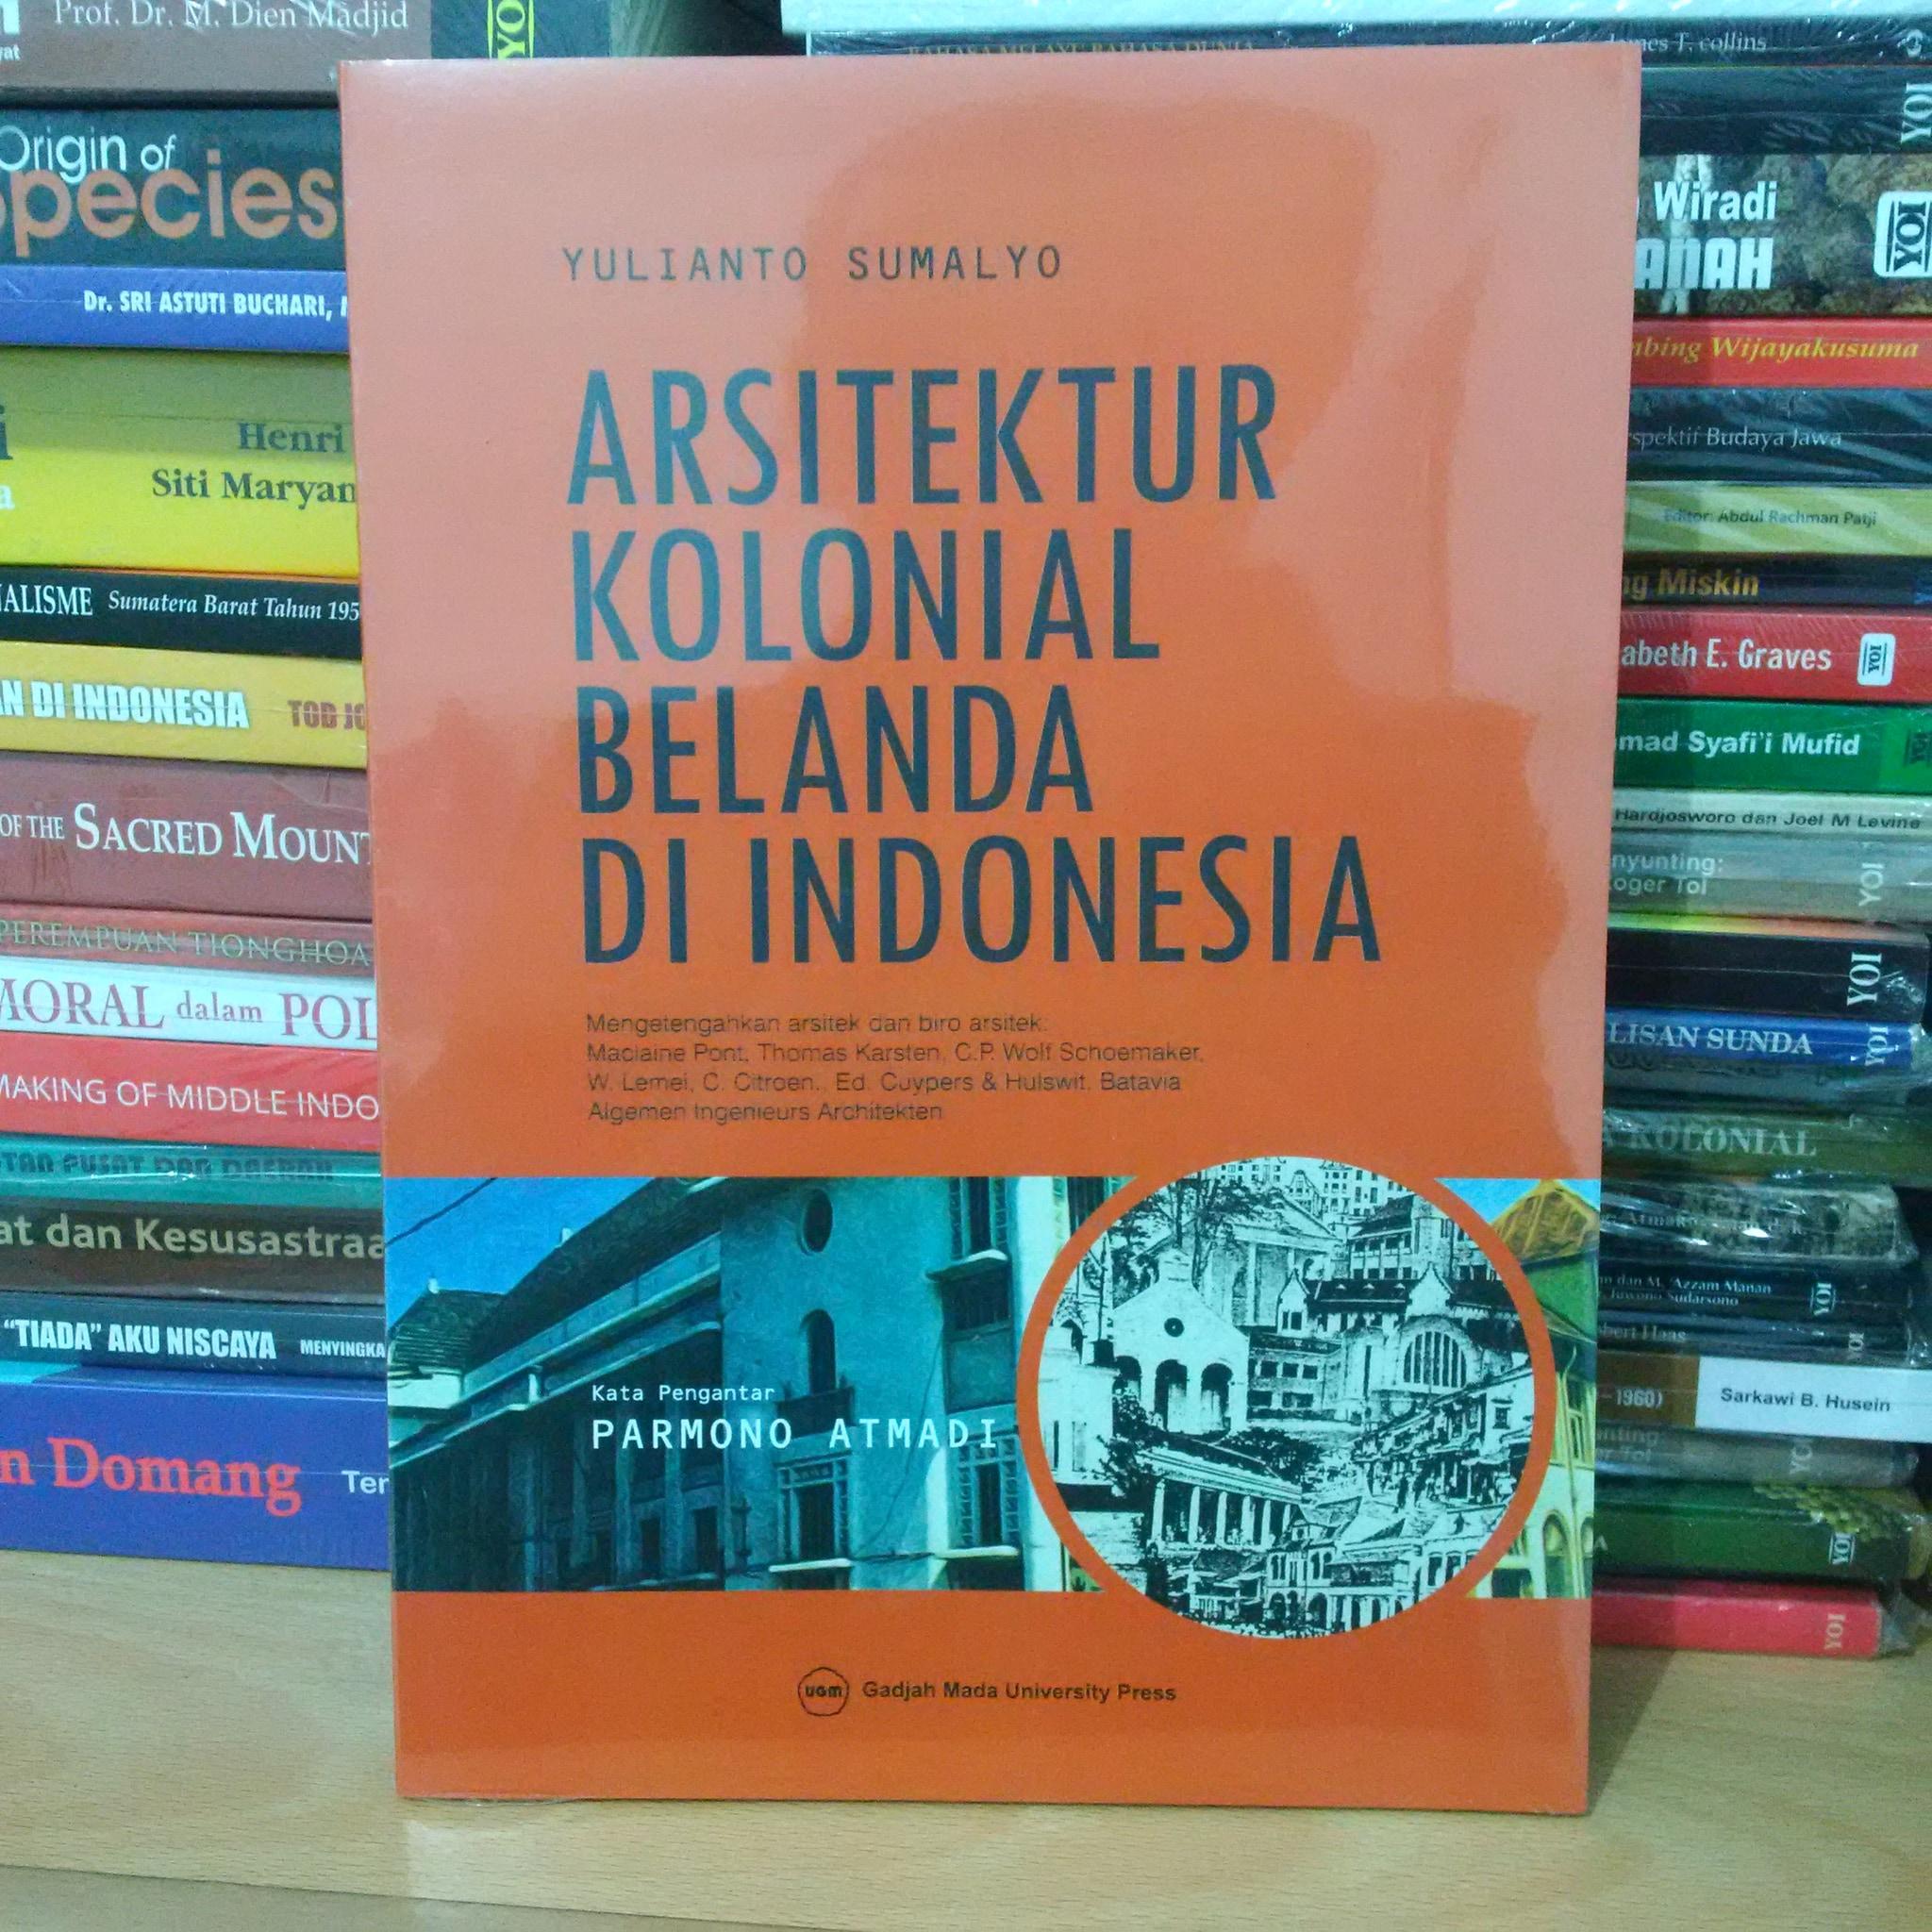 Jual Arsitektur Kolonial Belanda di Indonesia - Kedai Buku Bekas ...